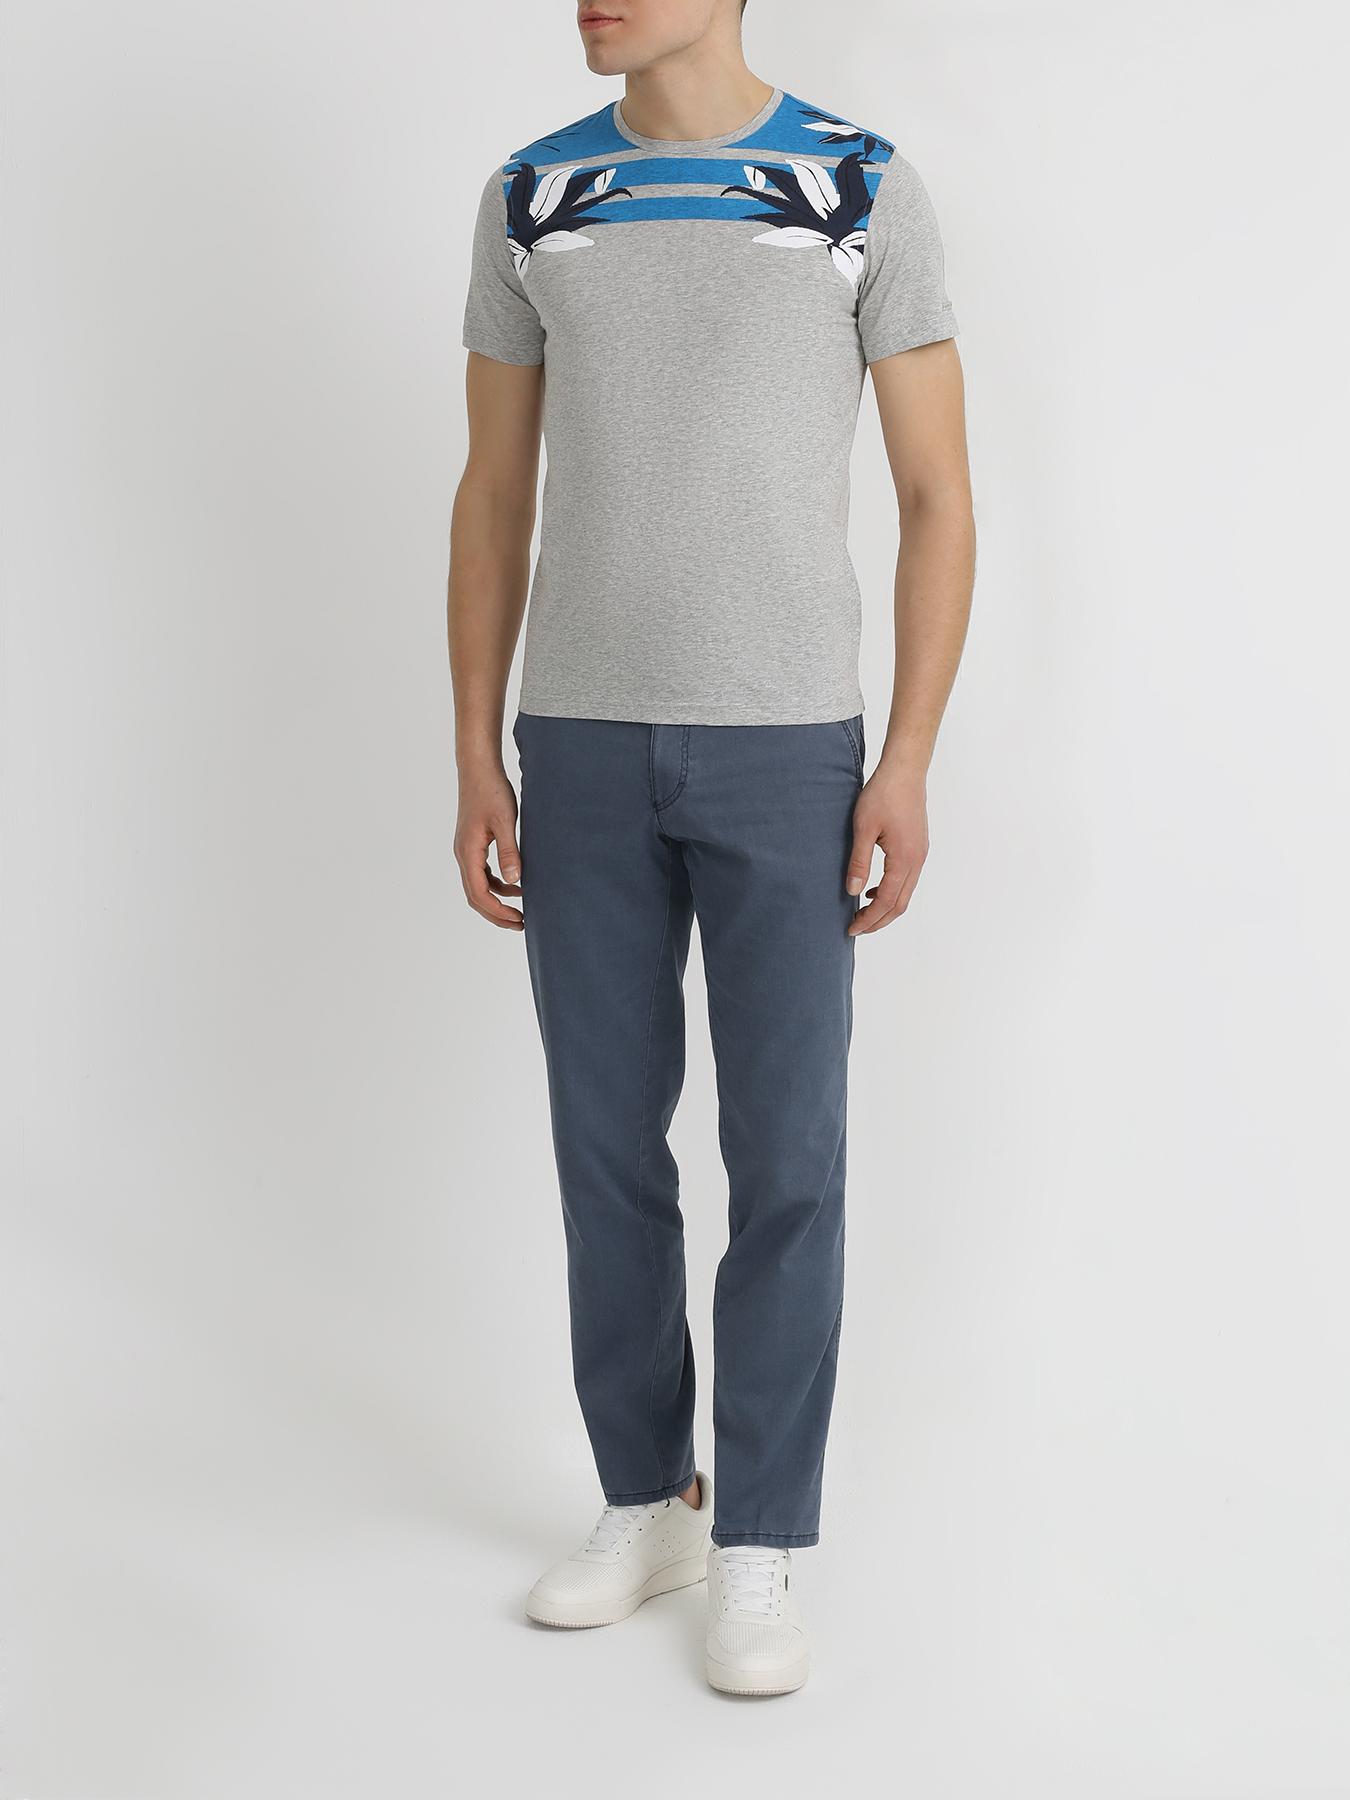 Фуфайка Ritter Хлопковая футболка brioni хлопковая футболка